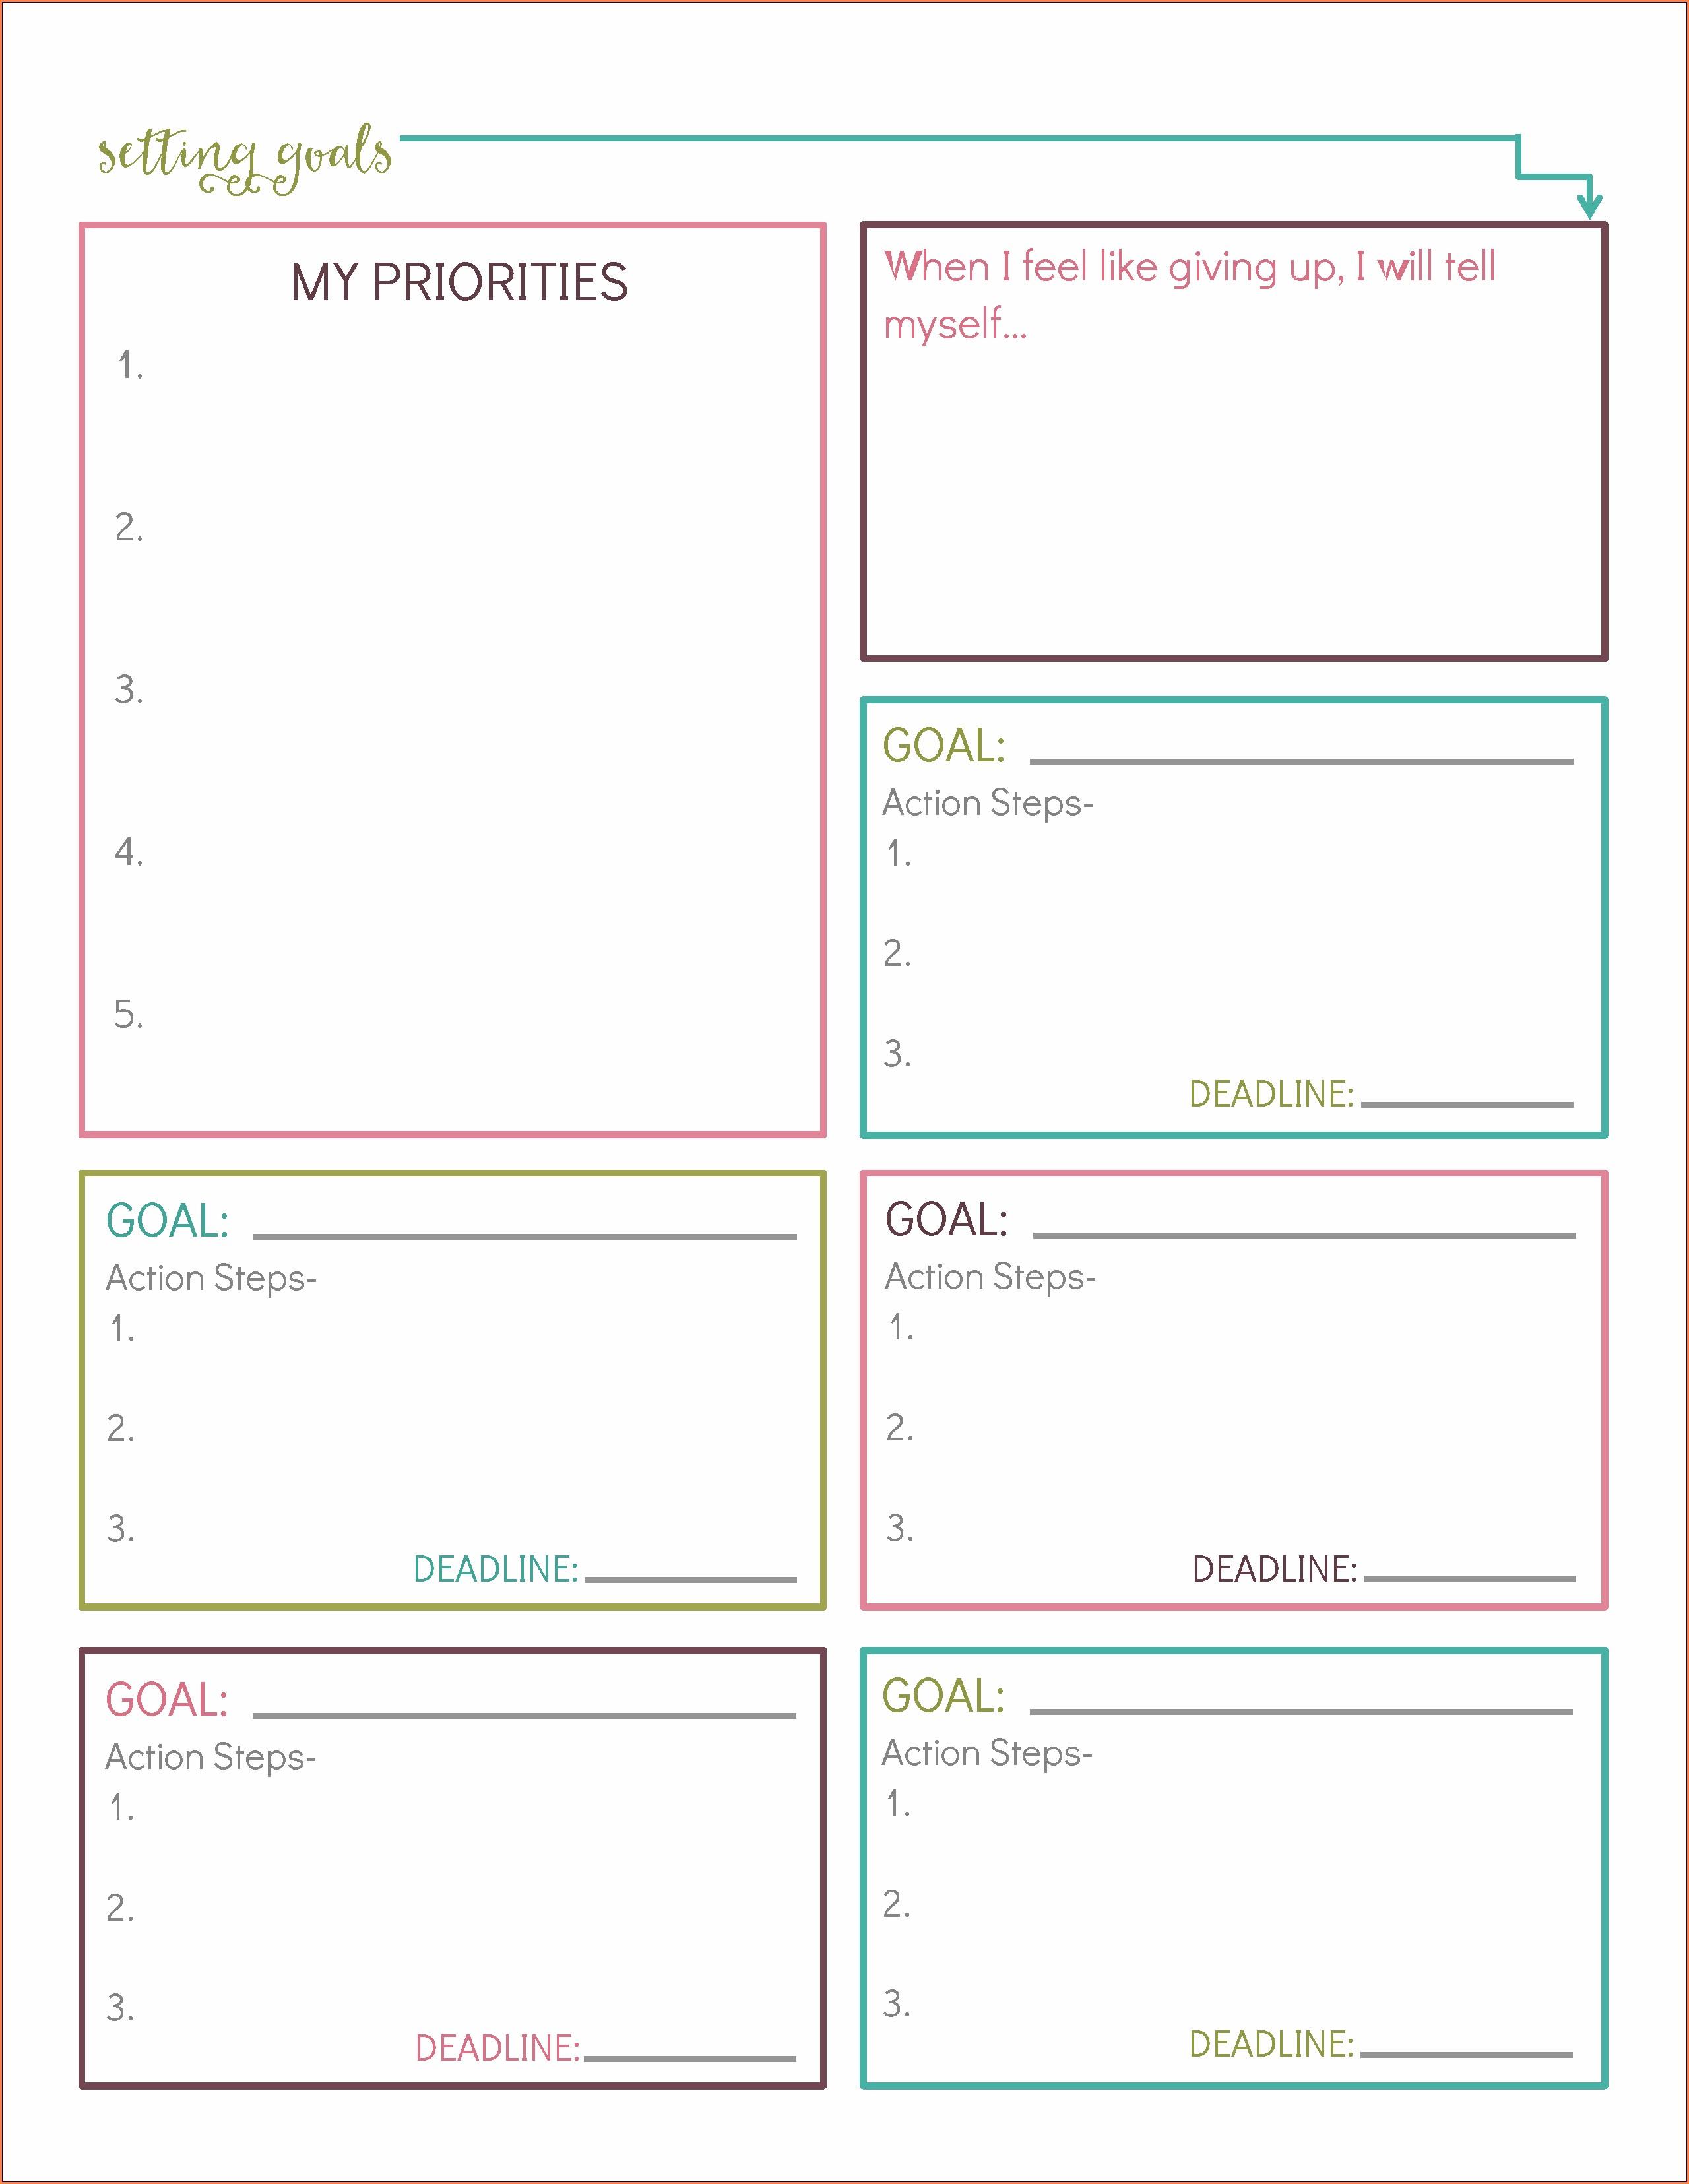 Us Army Goal Setting Worksheet Uncategorized Resume Examples